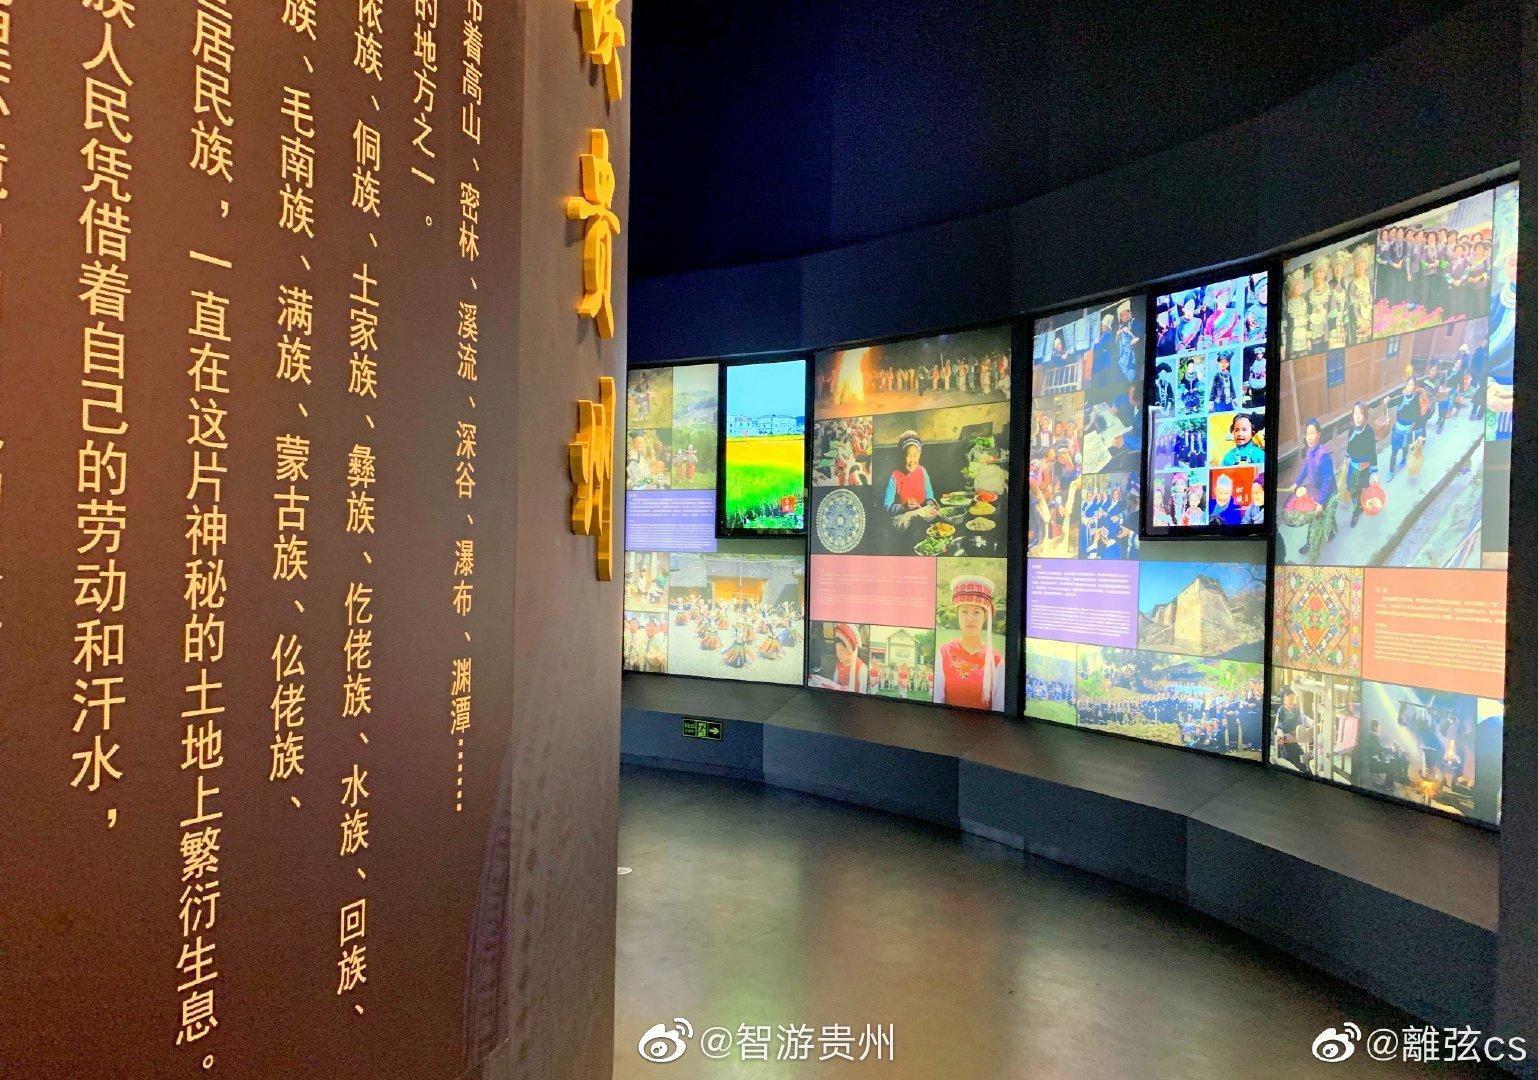 打卡贵州省博物馆